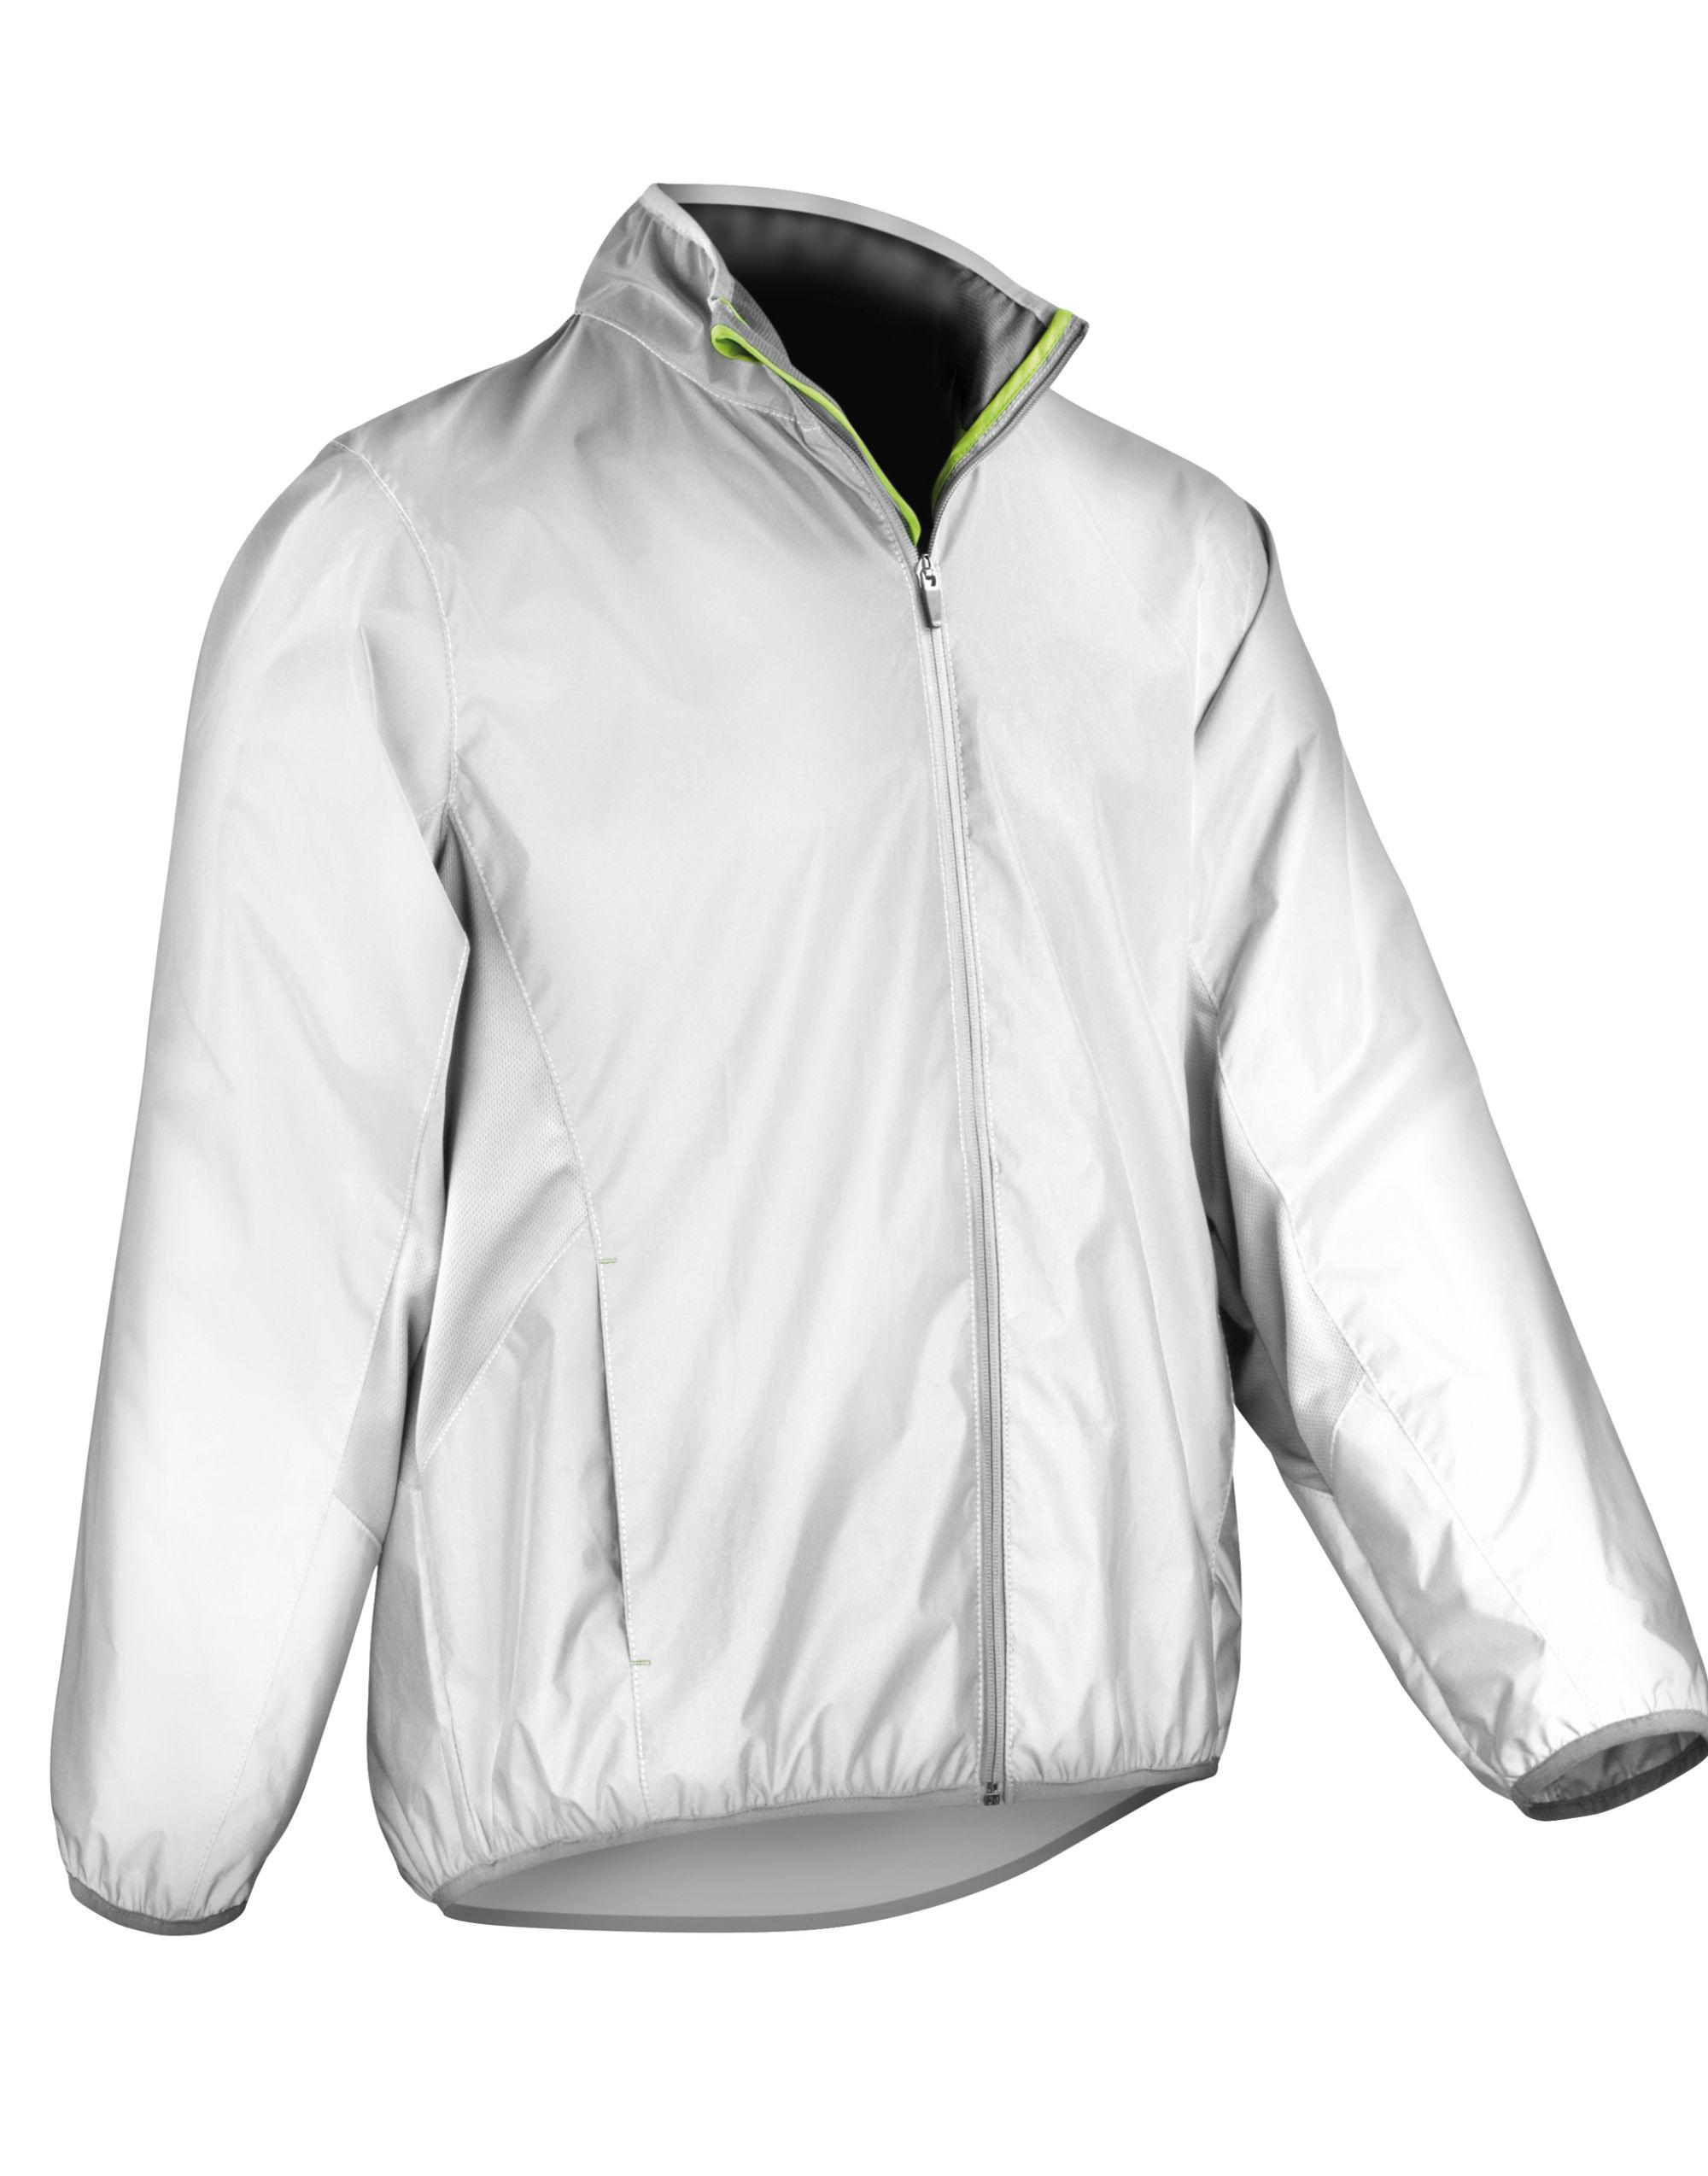 Spiro Reflectex Hi-vis Jacket